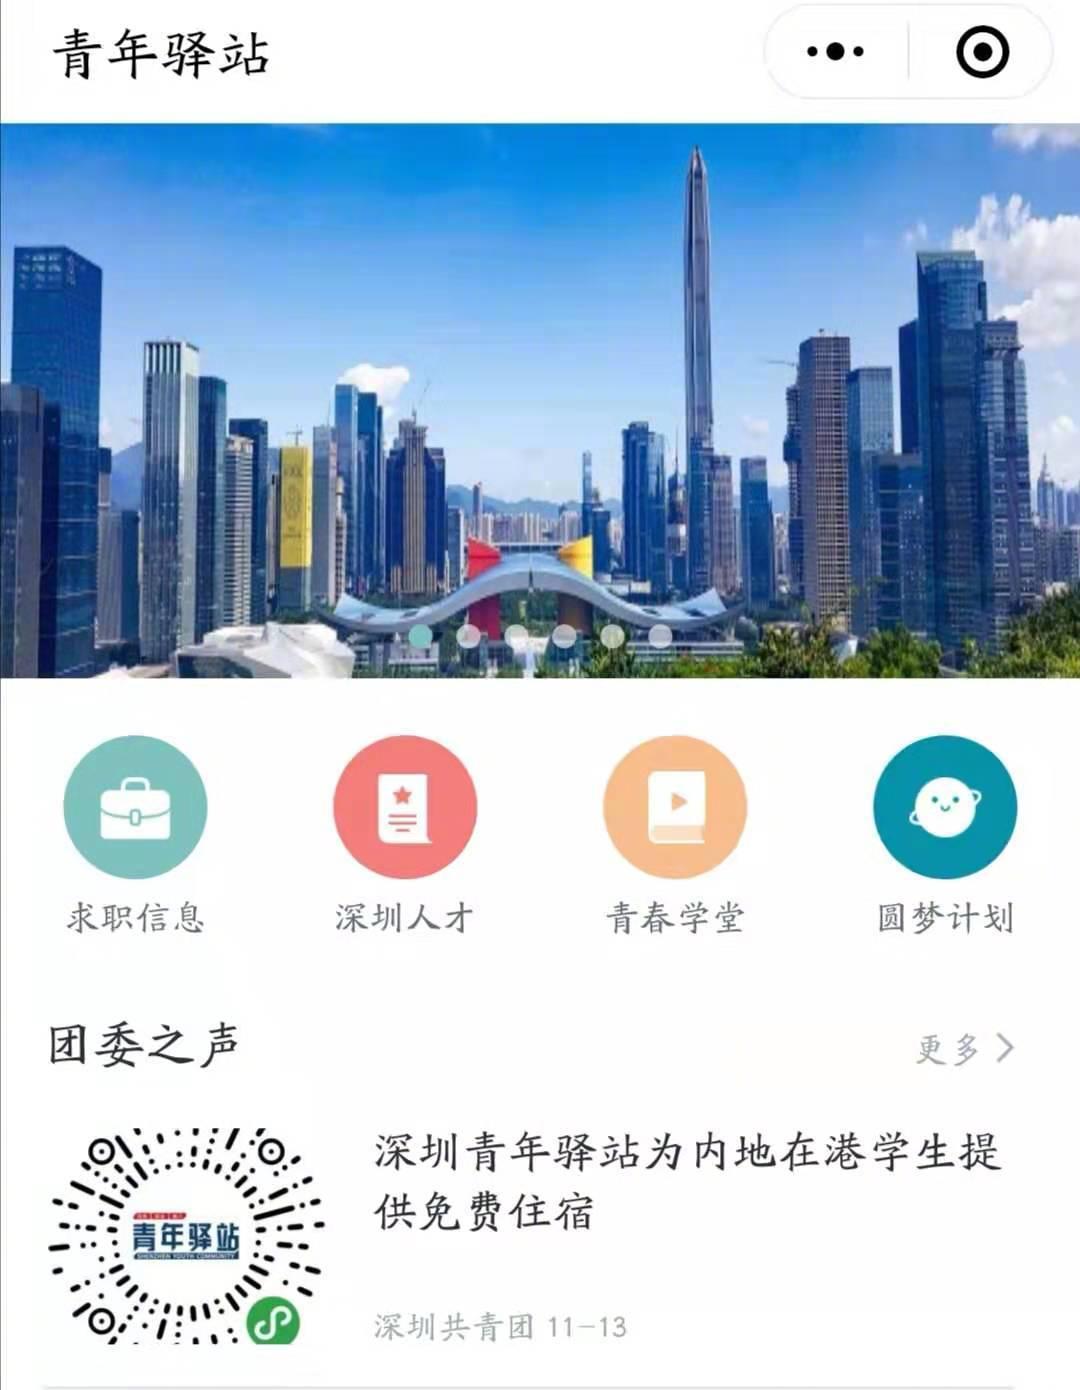 @深圳共青团 青年驿站为应届毕业生及内地在港就读学生提供免费住宿等